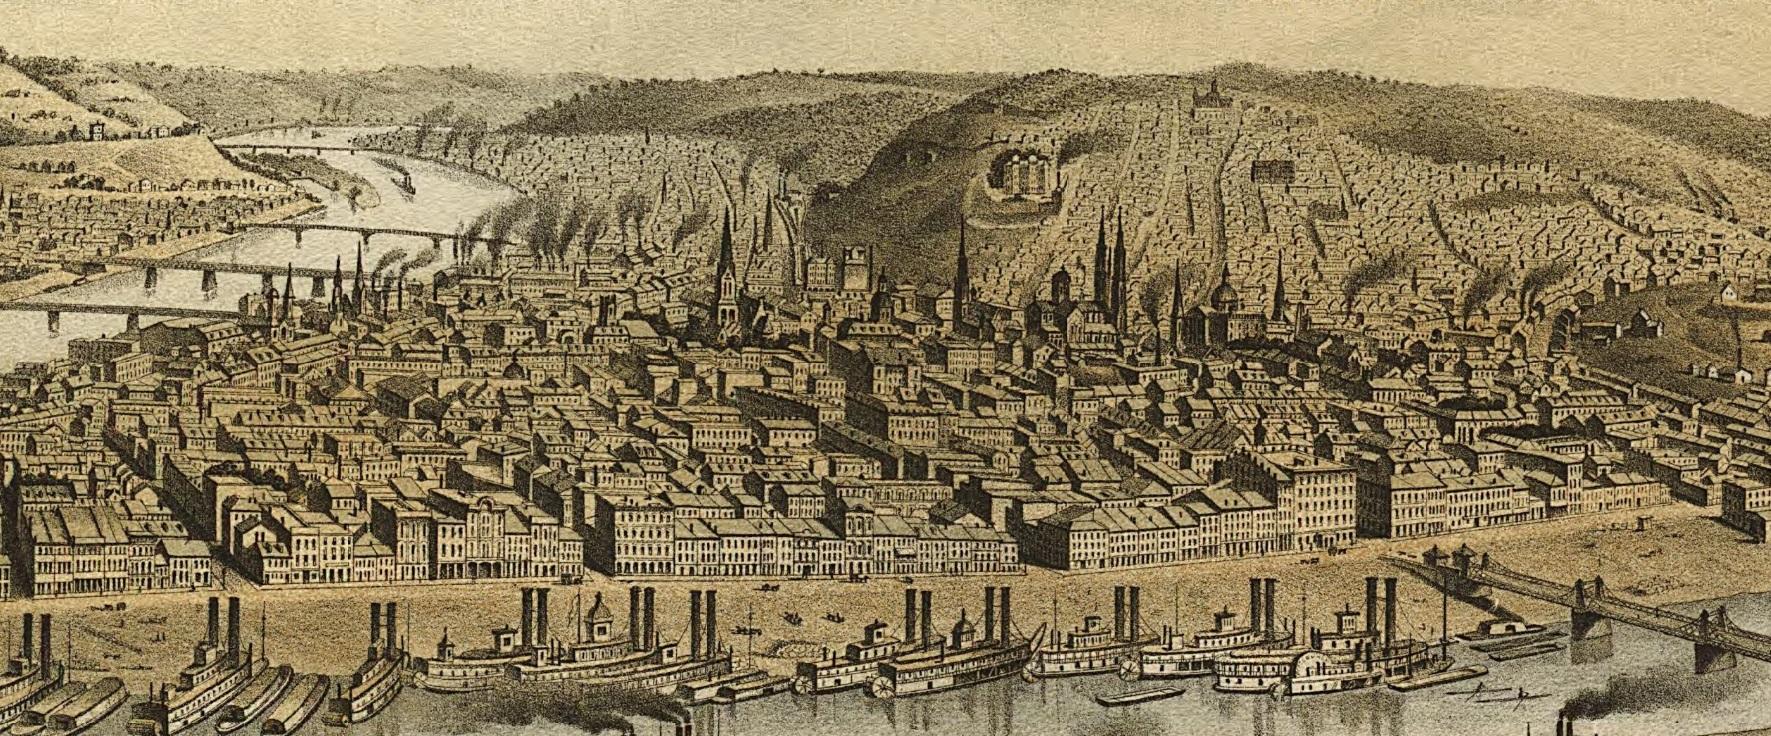 p-1870s.jpg